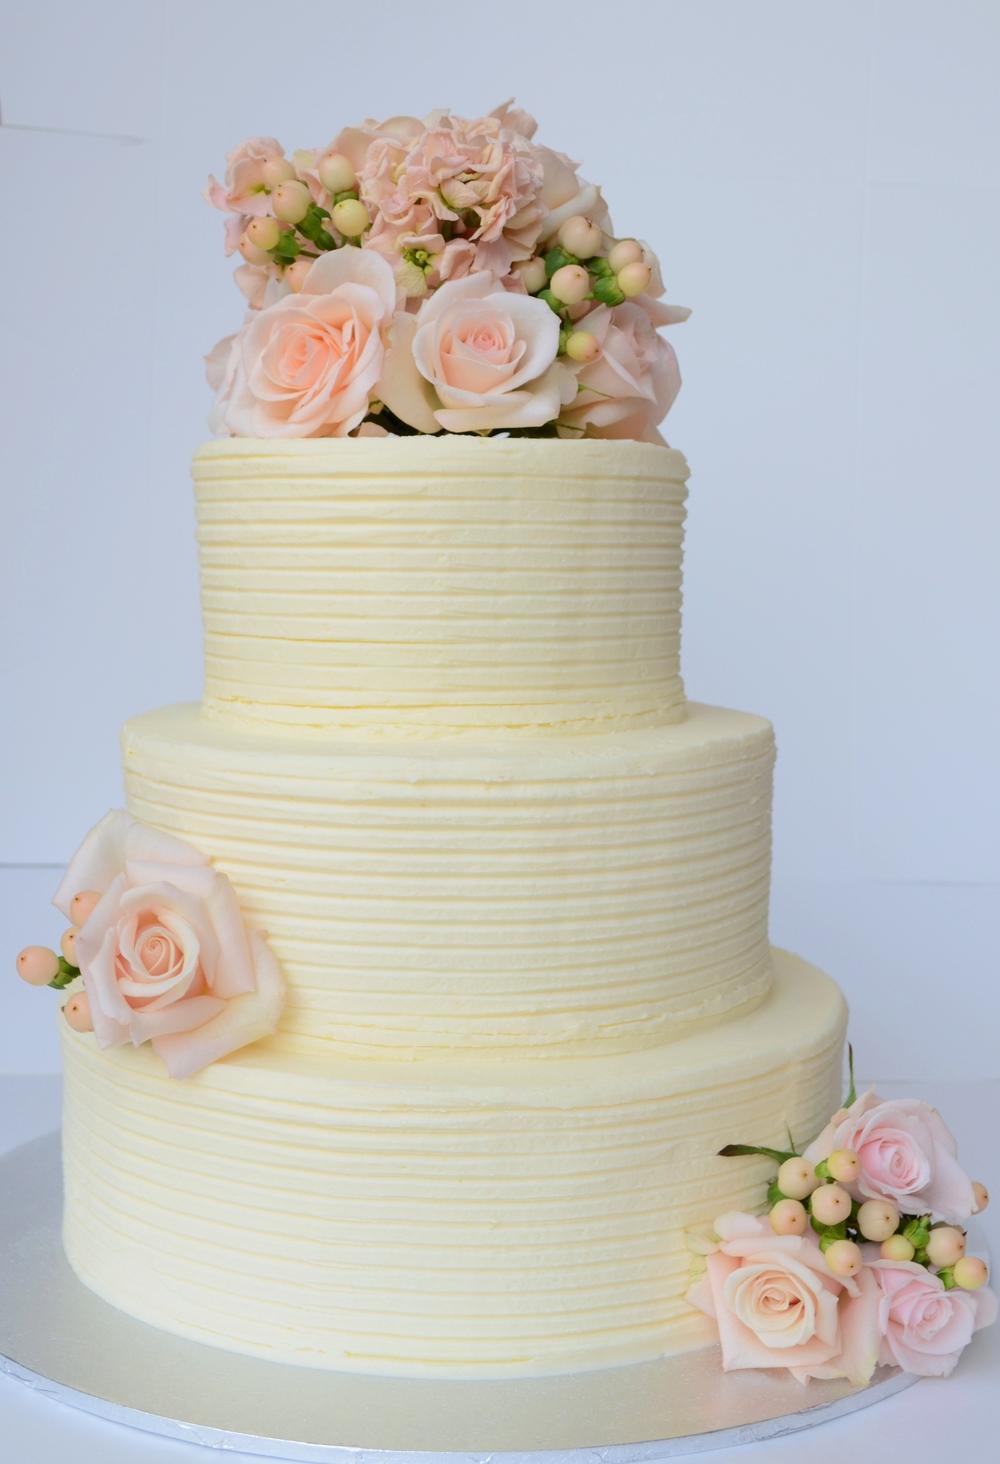 Pod Frosted Wedding Cake. White chocolate mud with lemon mousse cake ...